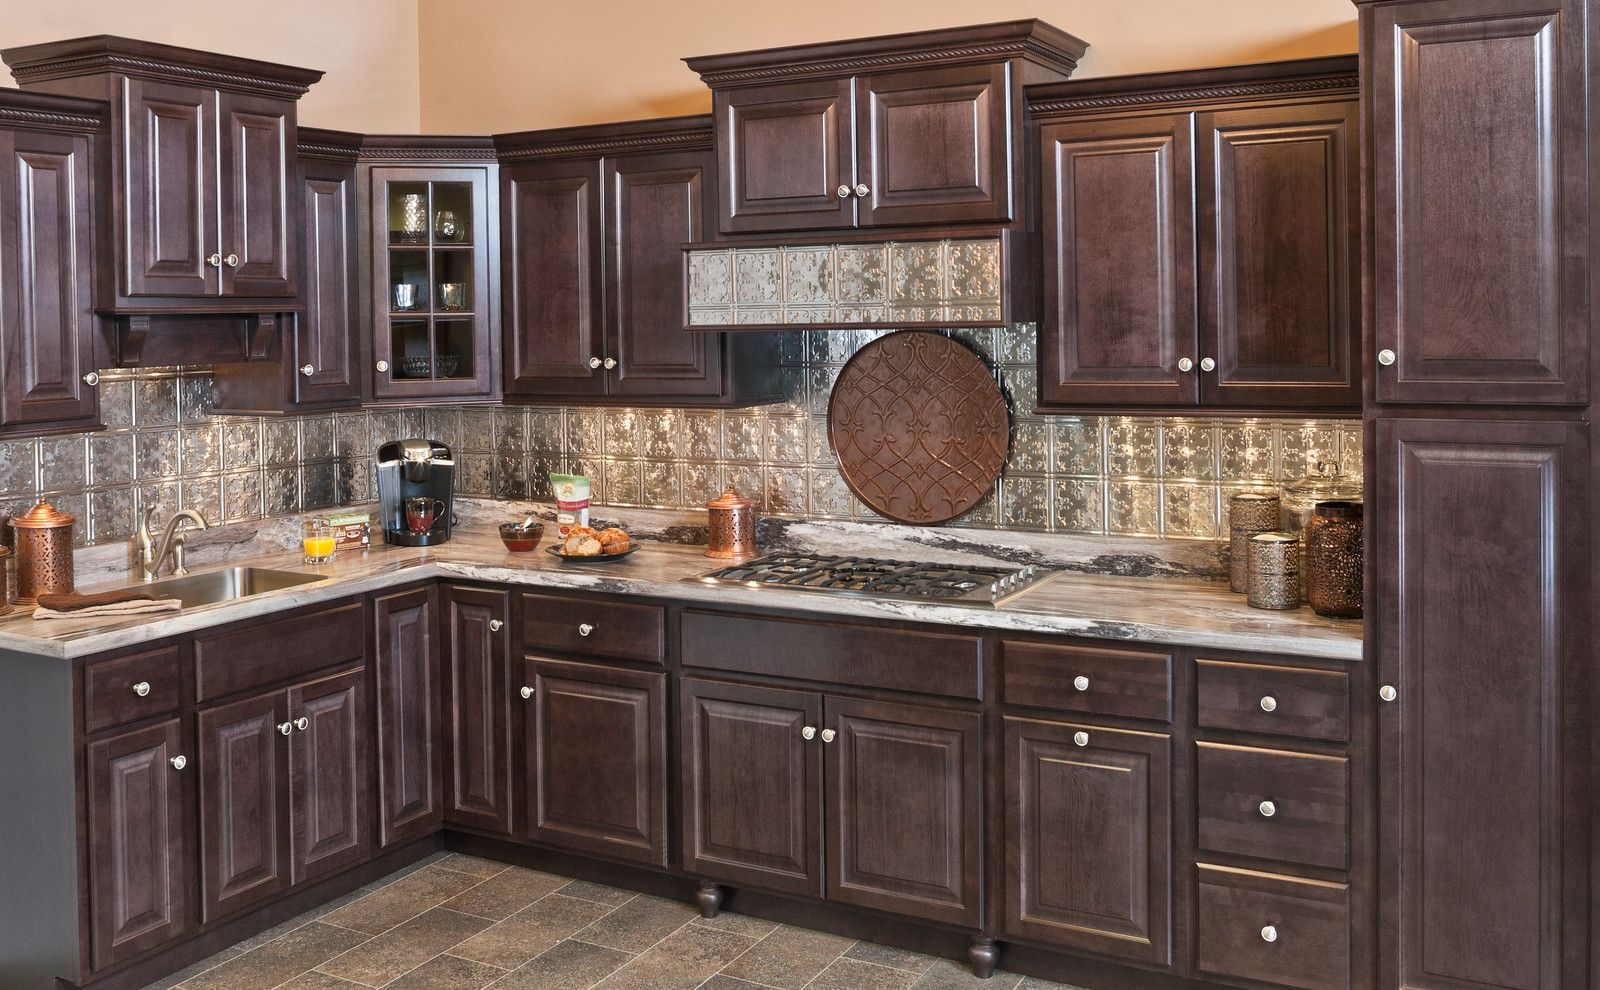 Saginaw In Dark Sable Stain Custom Kitchen Cabinets Kitchen Remodel Quality Kitchen Cabinets